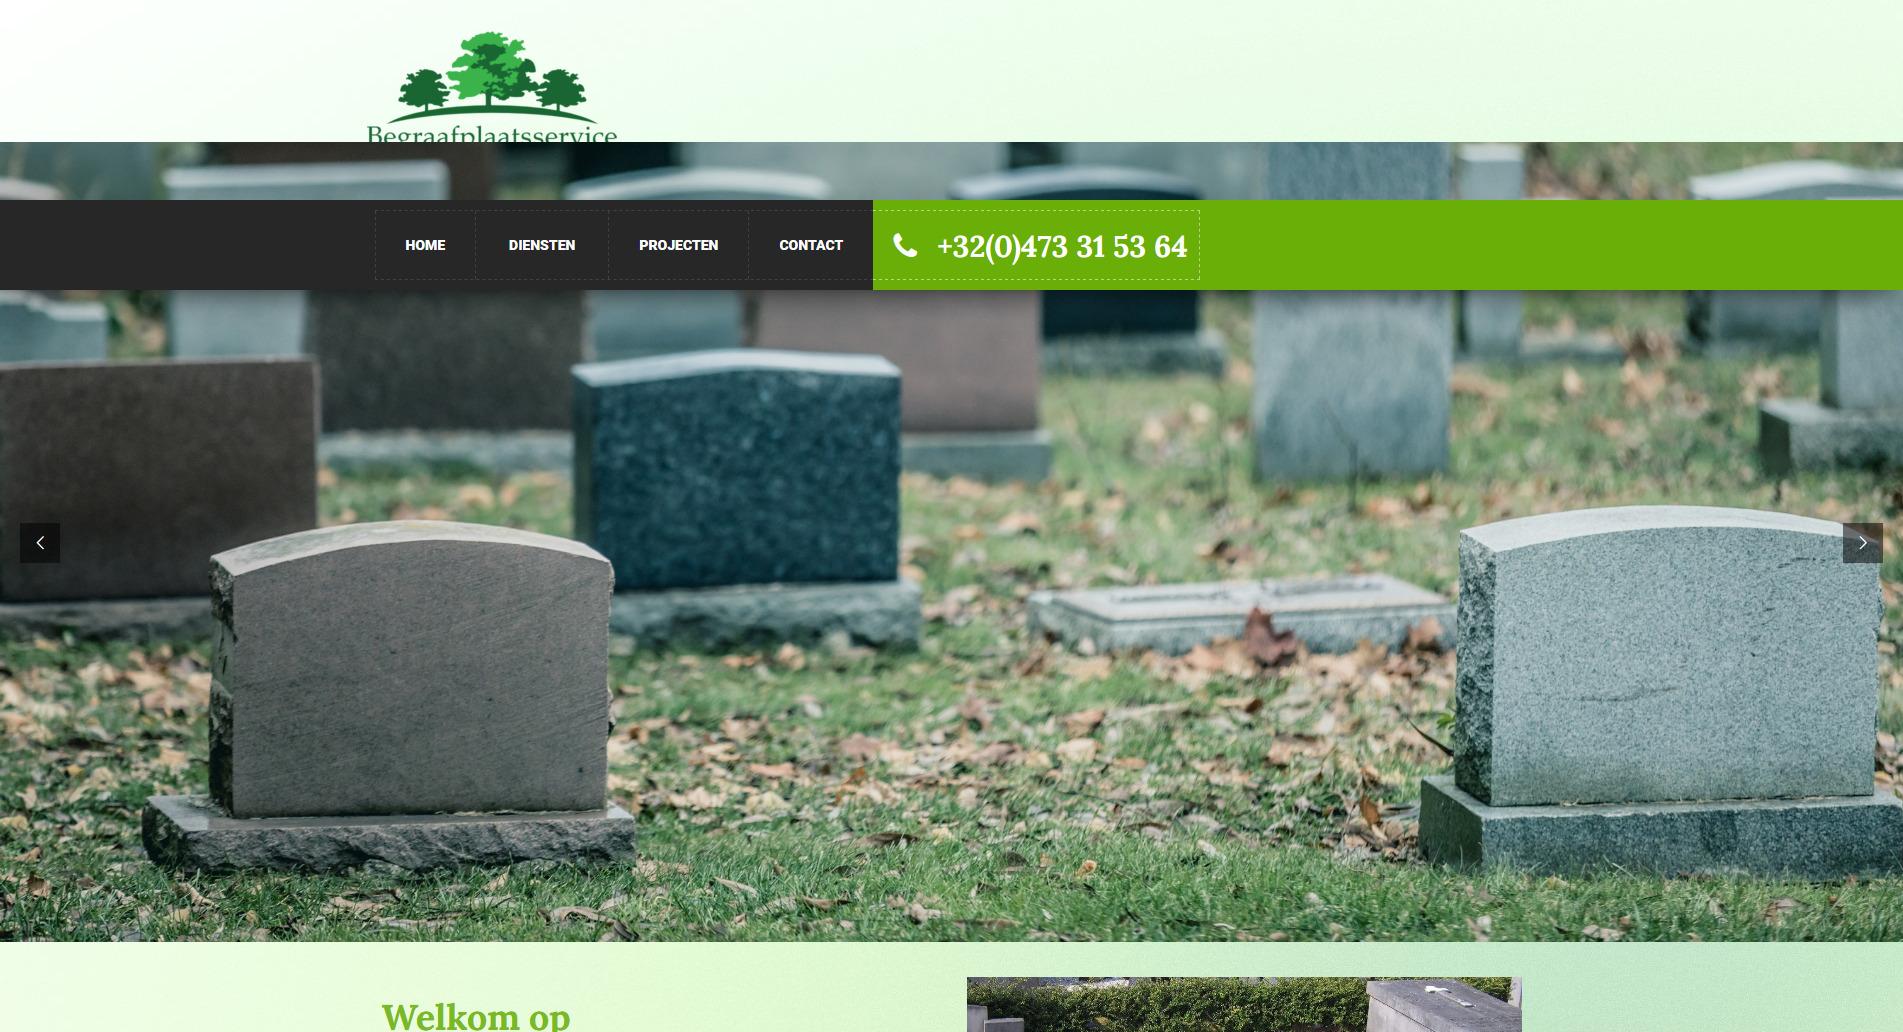 Begraafplaatsservice